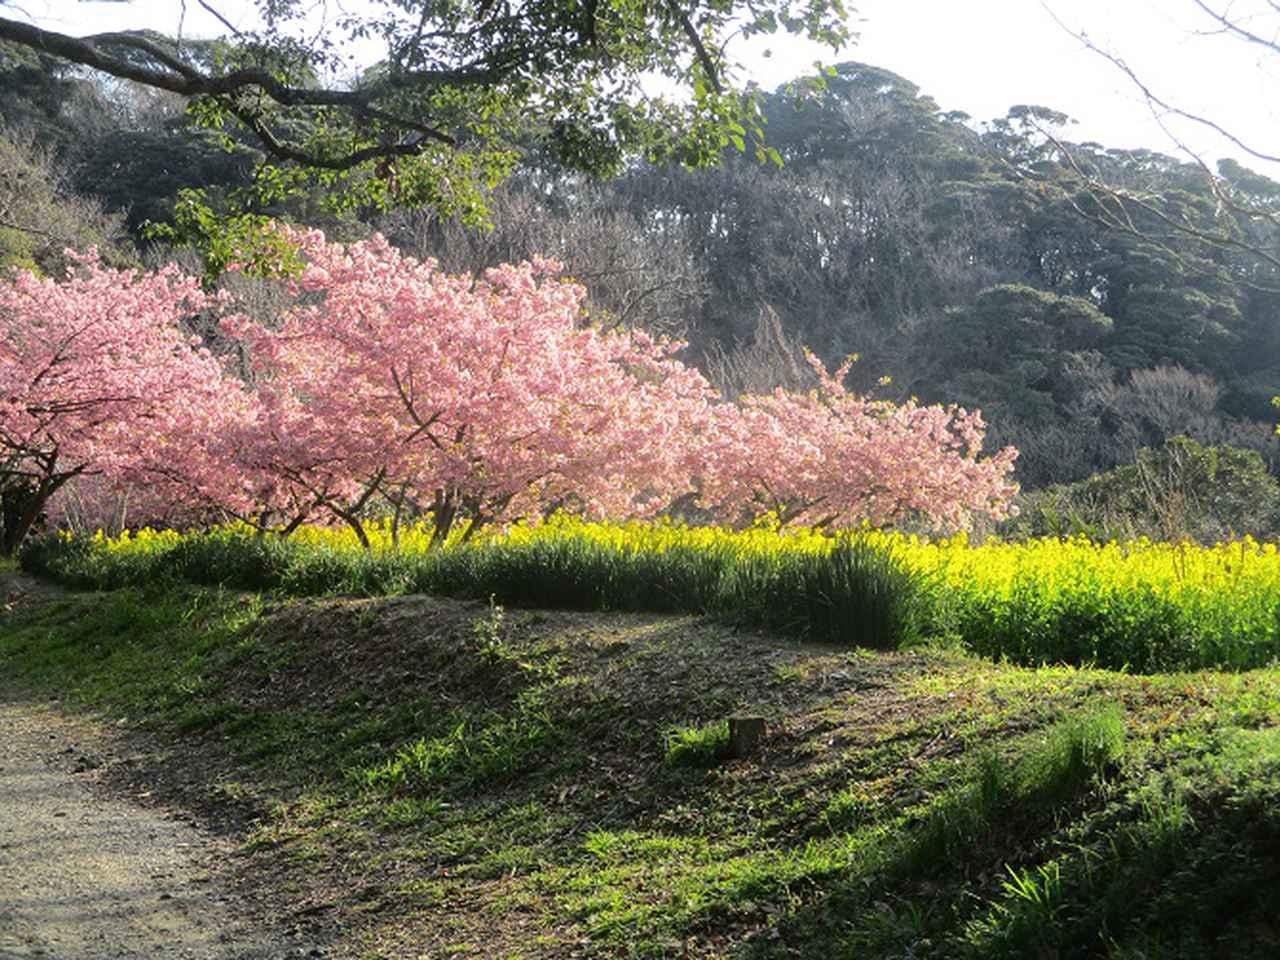 画像2: 3月の山旅会 大楠山から衣笠城跡 ツアーの下見に行ってきました!